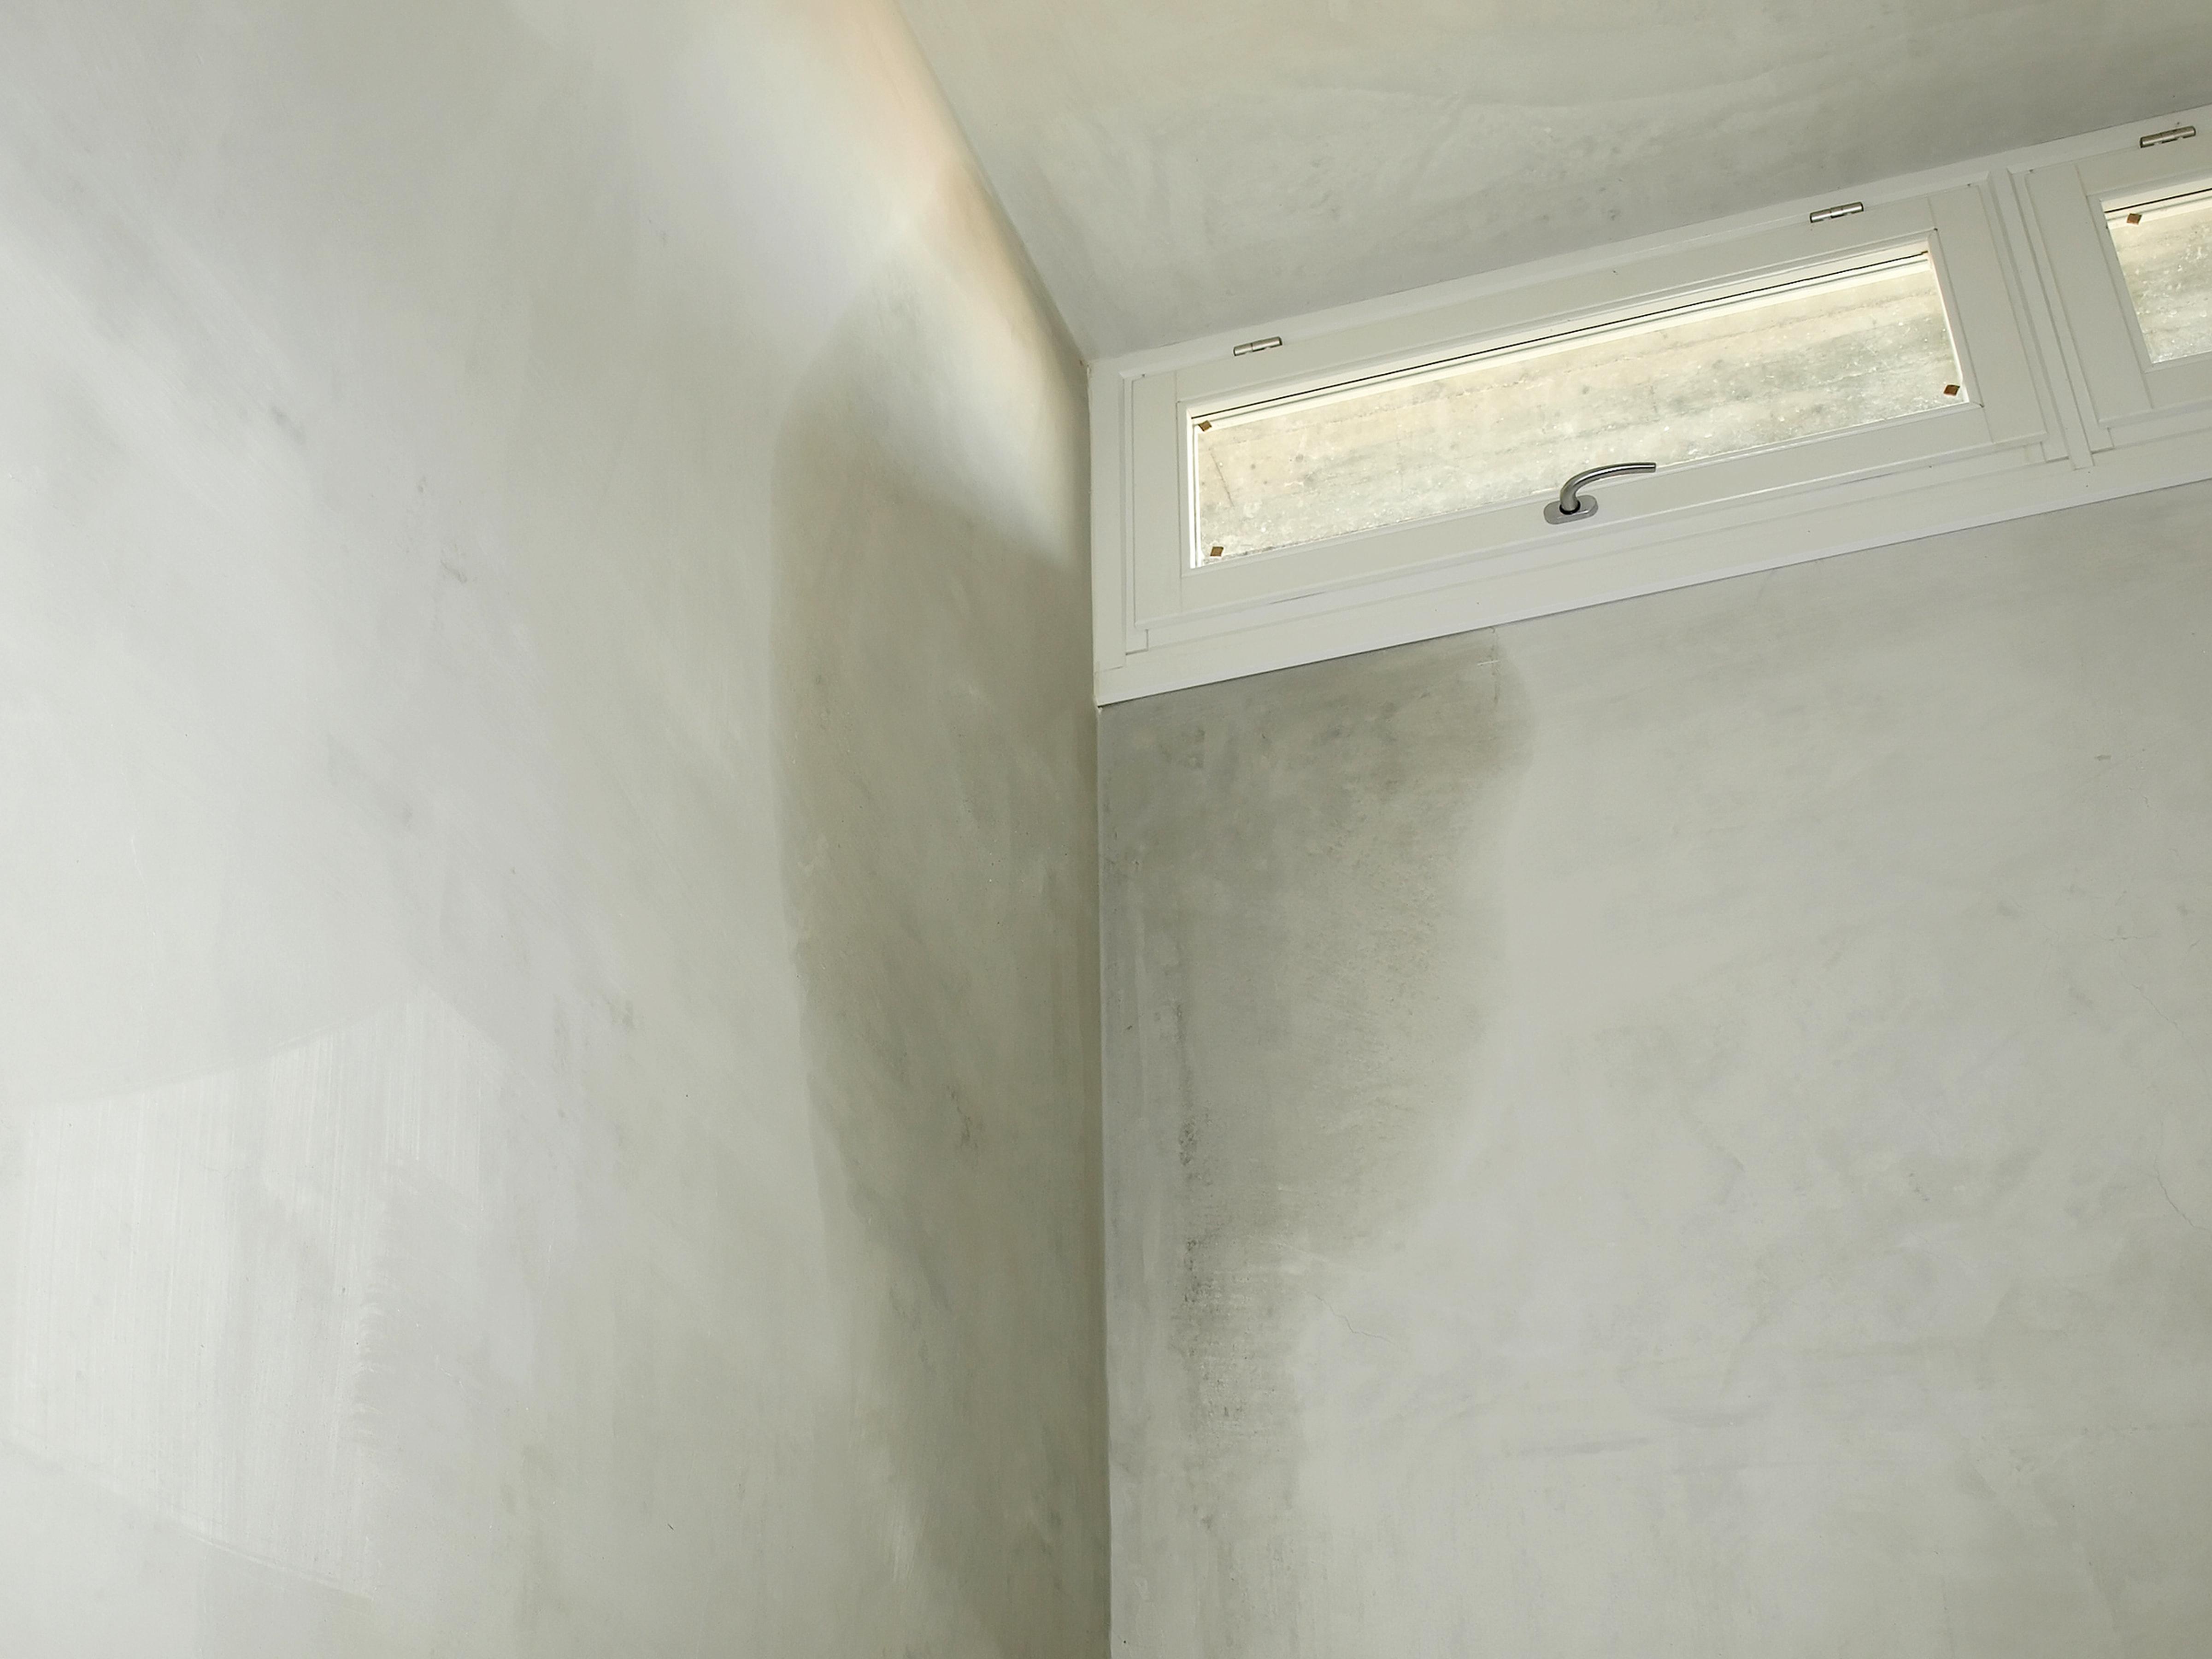 Muro Bagnato Cosa Fare umidità nei muri: come eliminarla grazie alla nanotecnologia